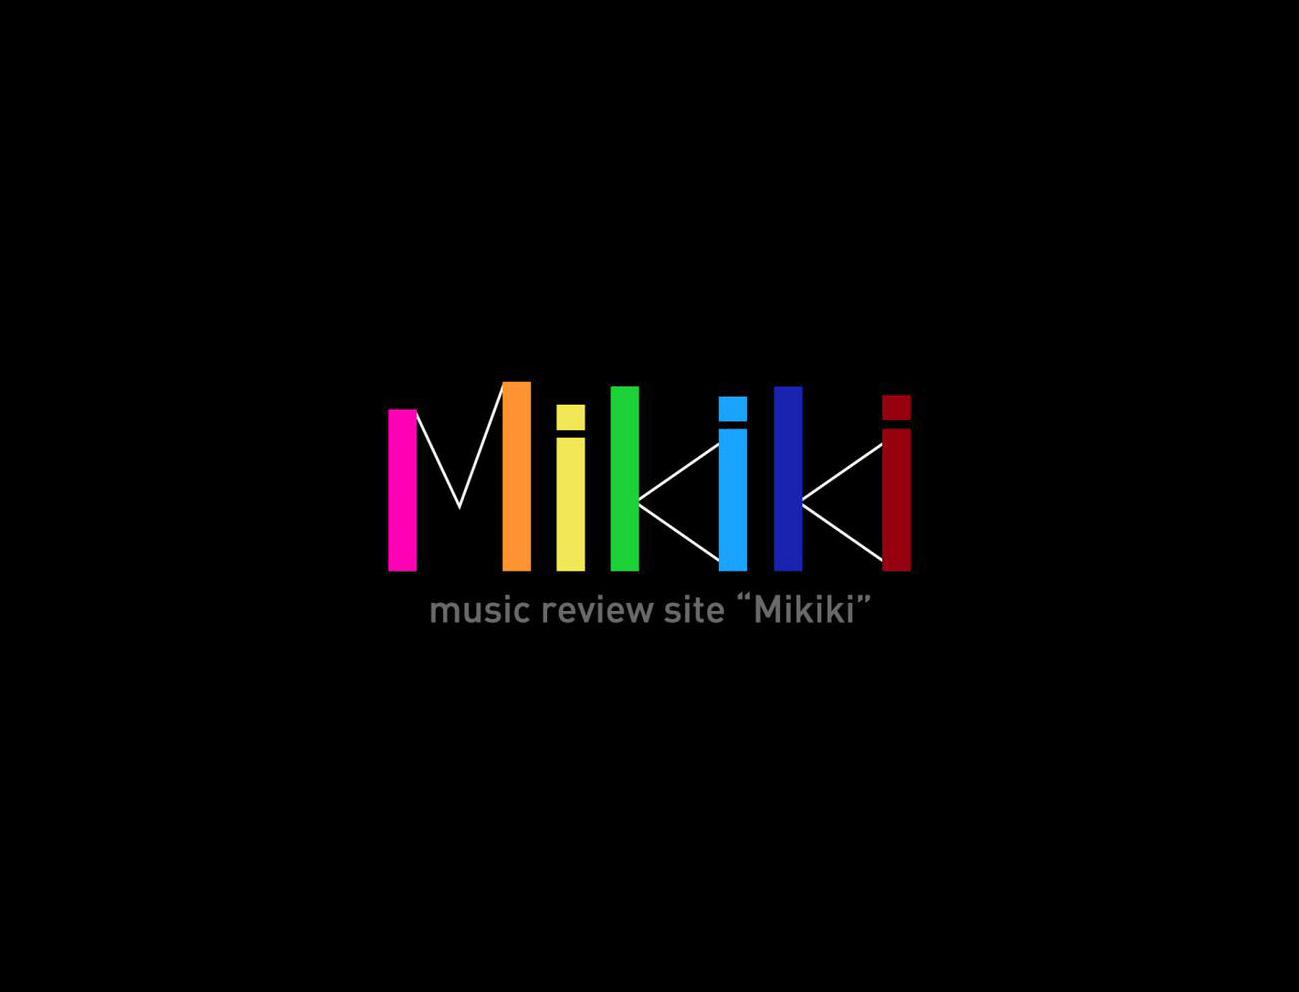 アーティストの情報を「Mikiki」で詳しくまとめていただきました